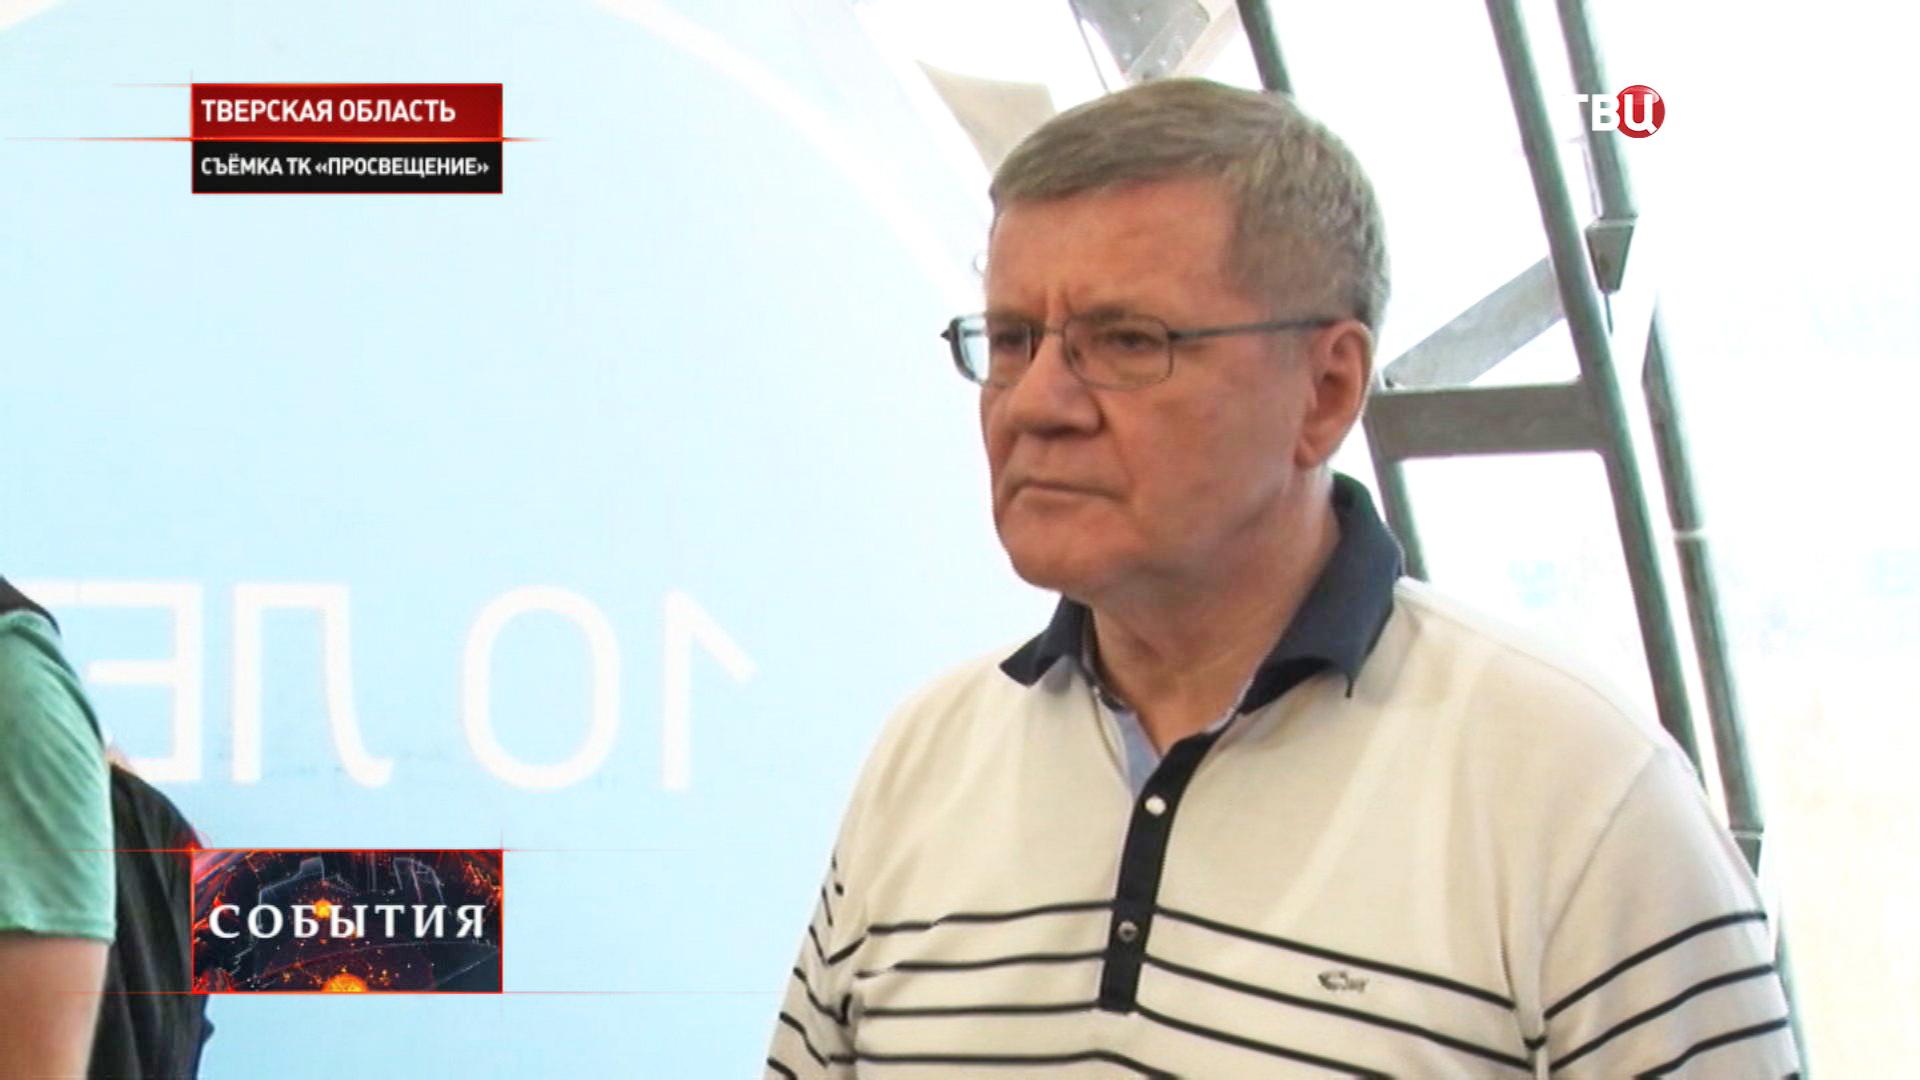 Глава Генпрокуратуры Юрий Чайка